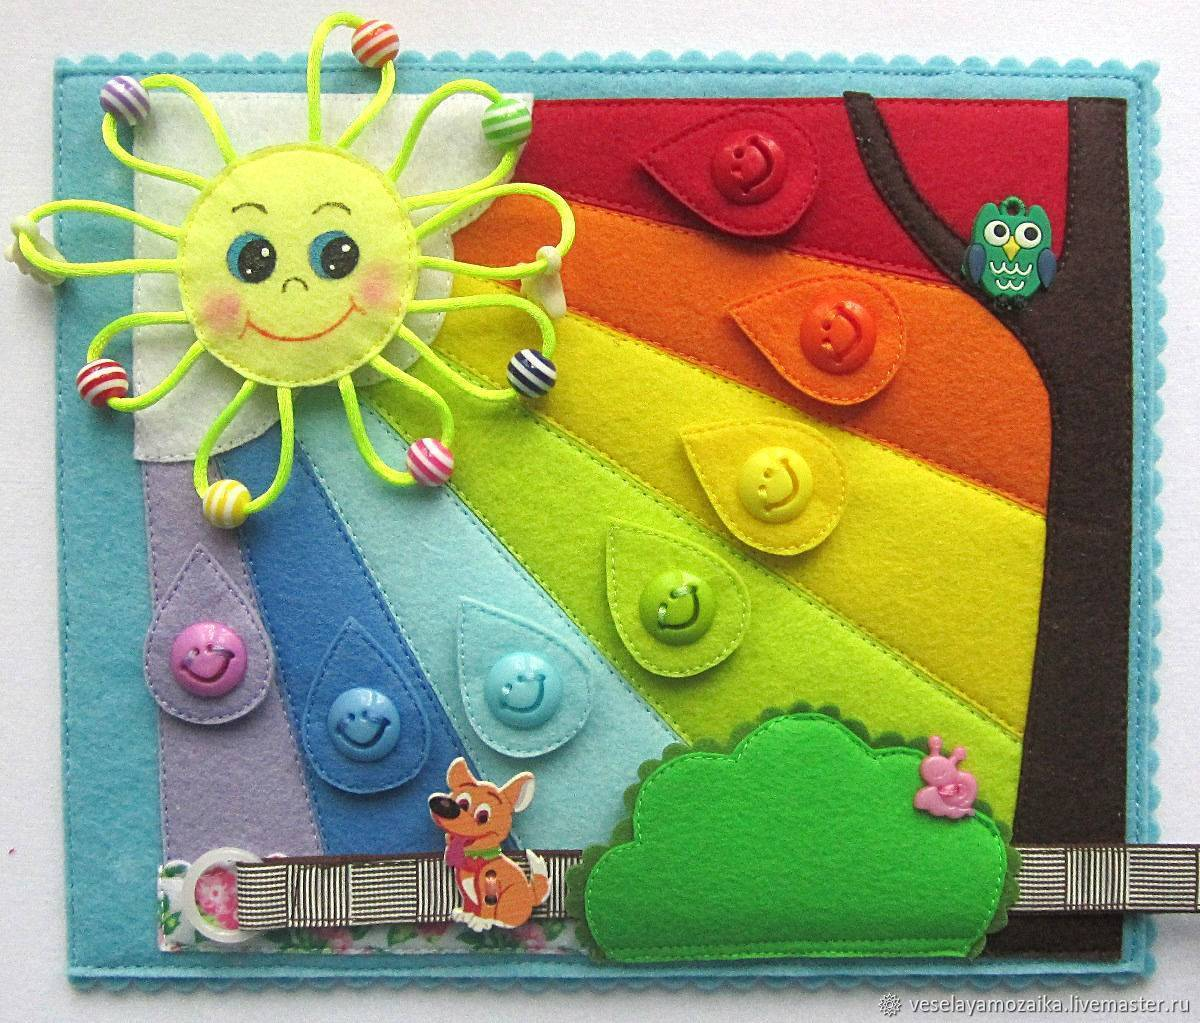 Поделки для детей 3 лет - 105 фото поделок из бумаги и пошаговый мастер-класс их изготовления